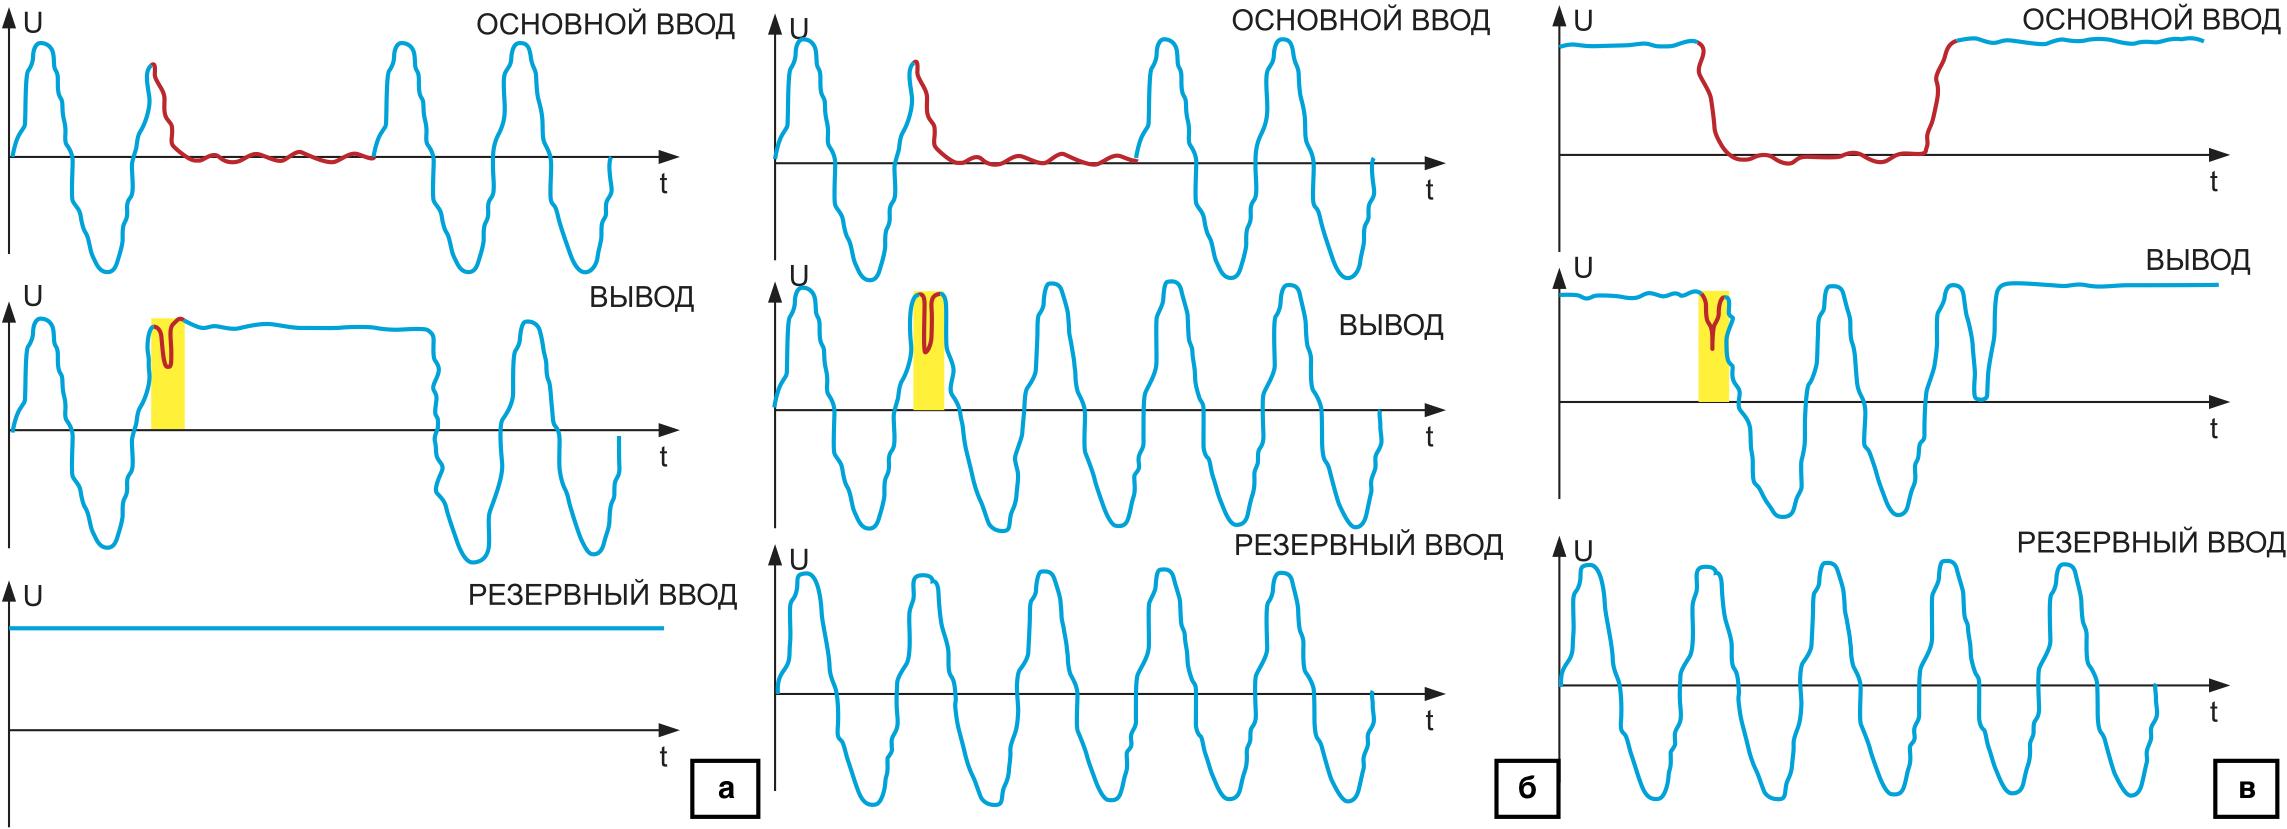 Временные диаграммы работы «БУП», основной и резервный ввод: а) переменный ток; б) переменный и постоянный ток; в) постоянный и переменный ток